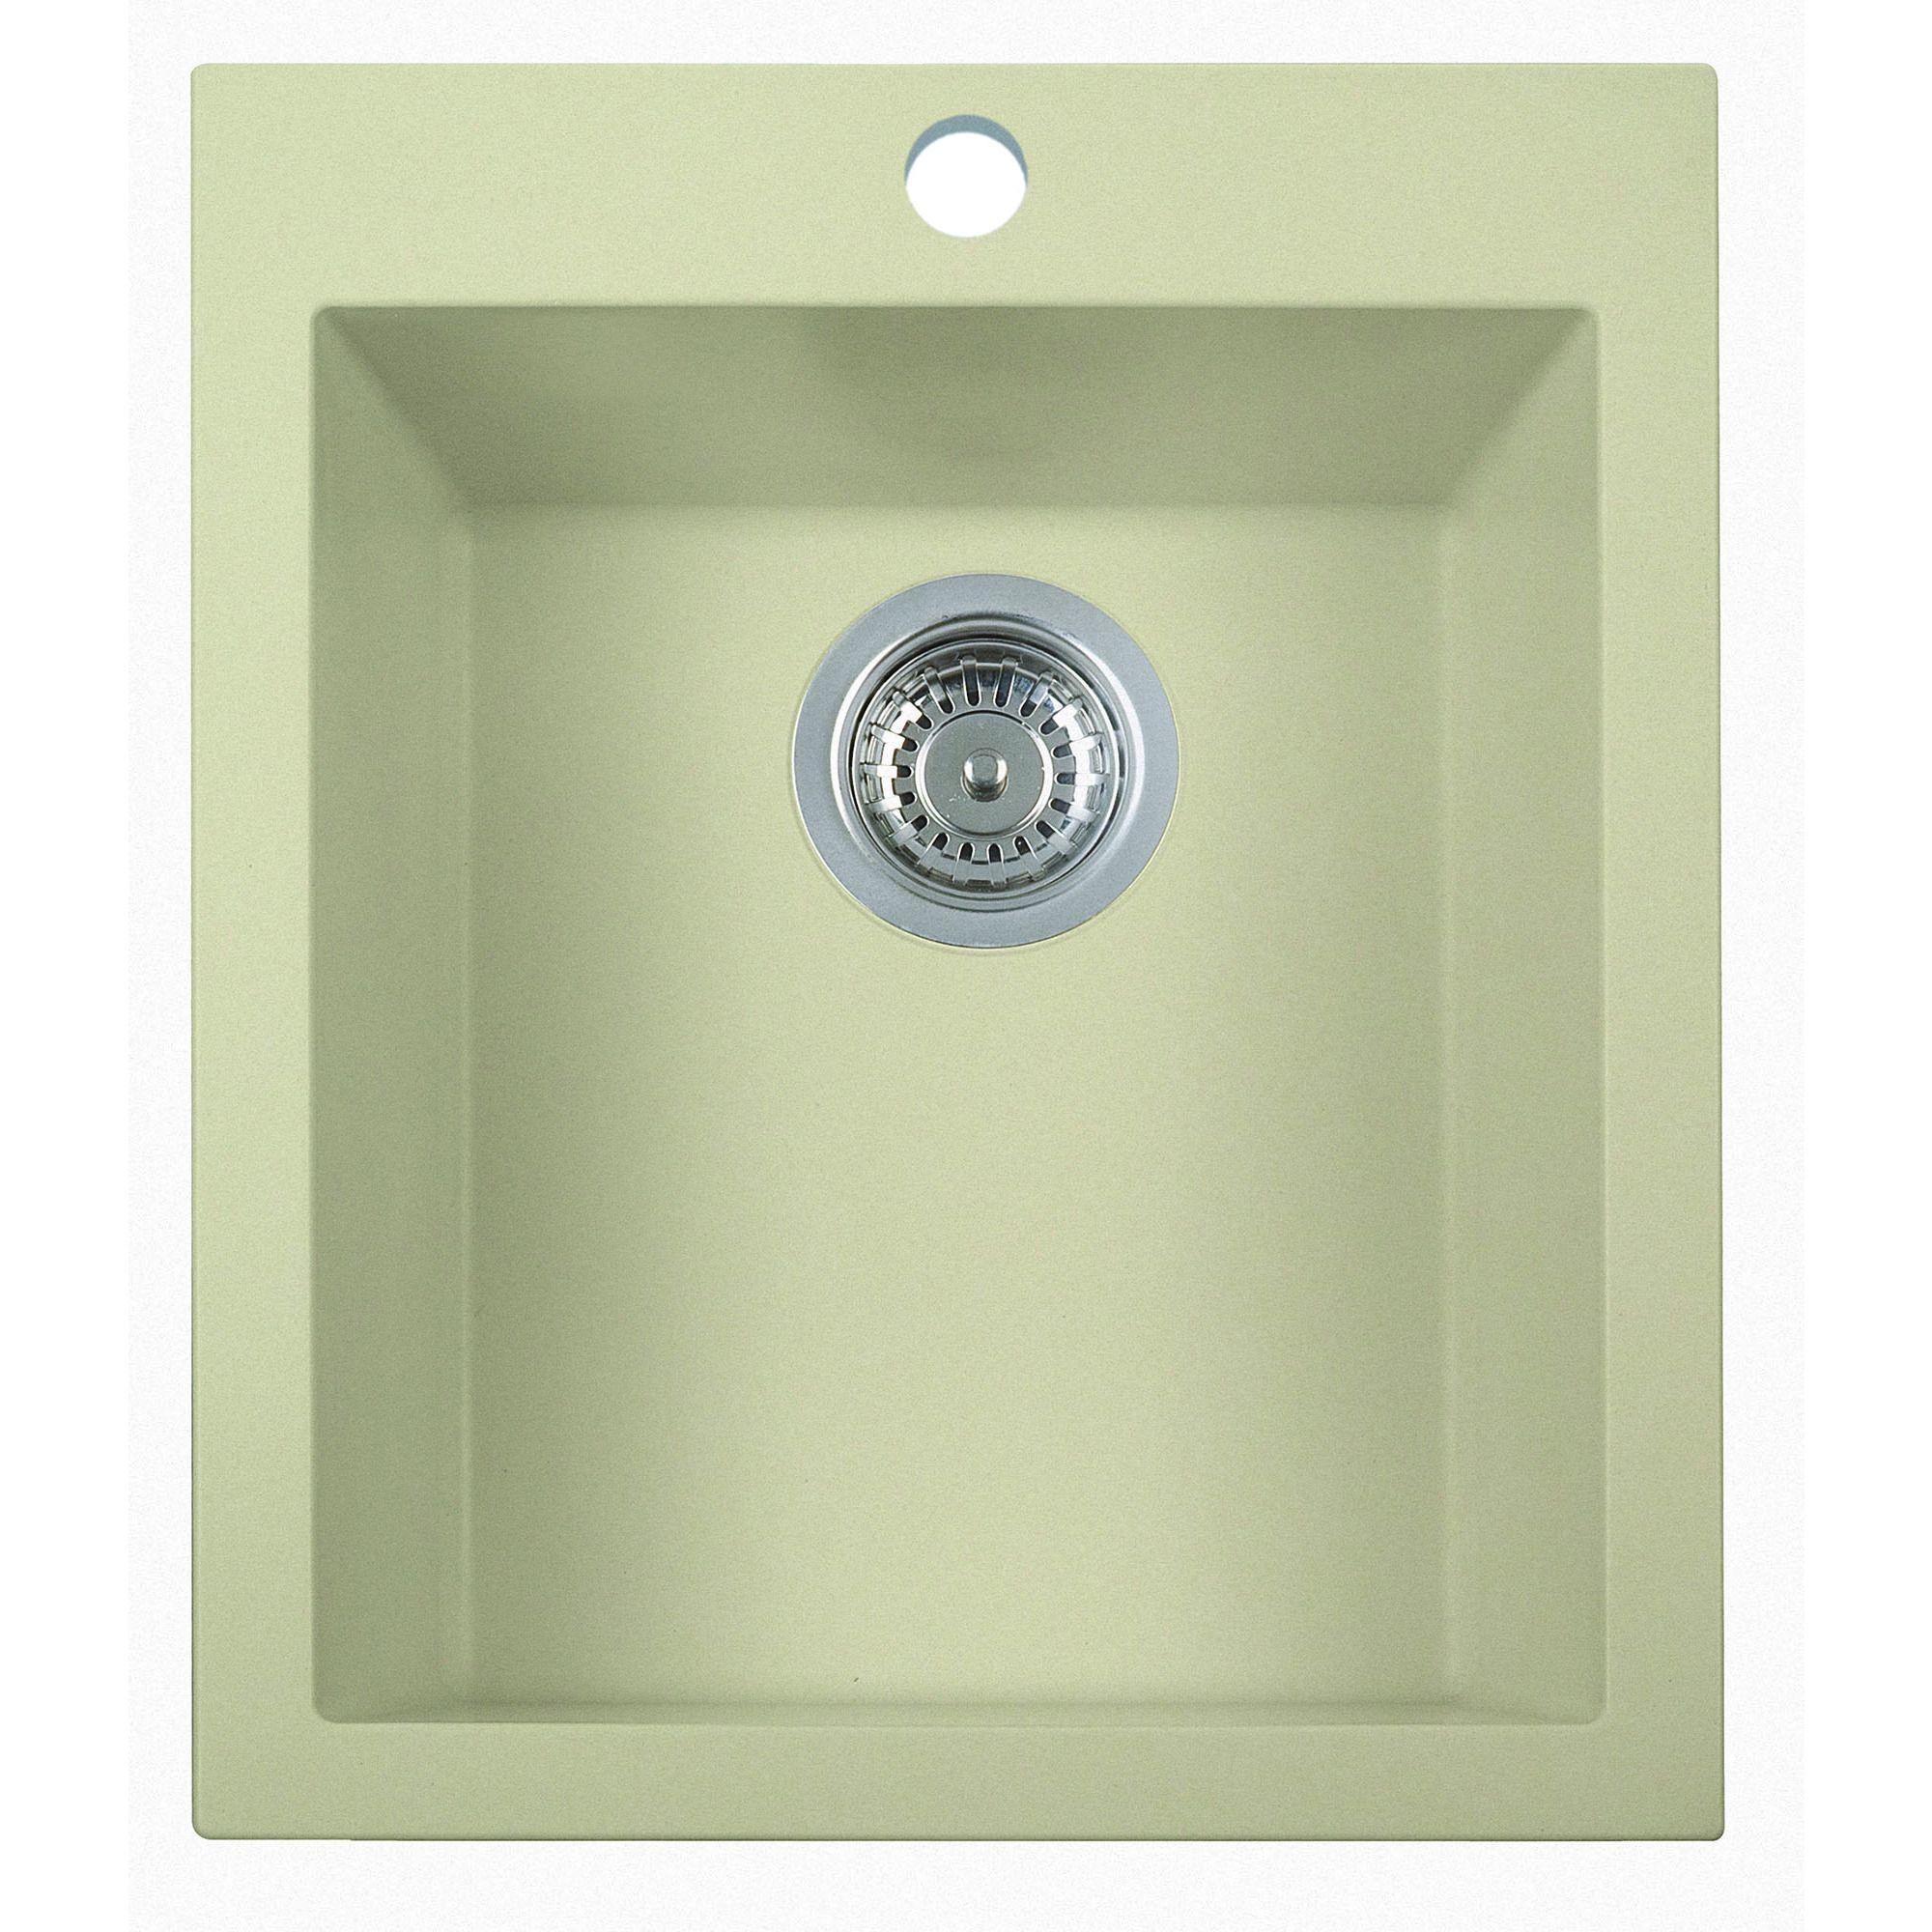 ALFI Biscuit 17-inch Drop-in Rectangular Composite Kitchen Prep Sink